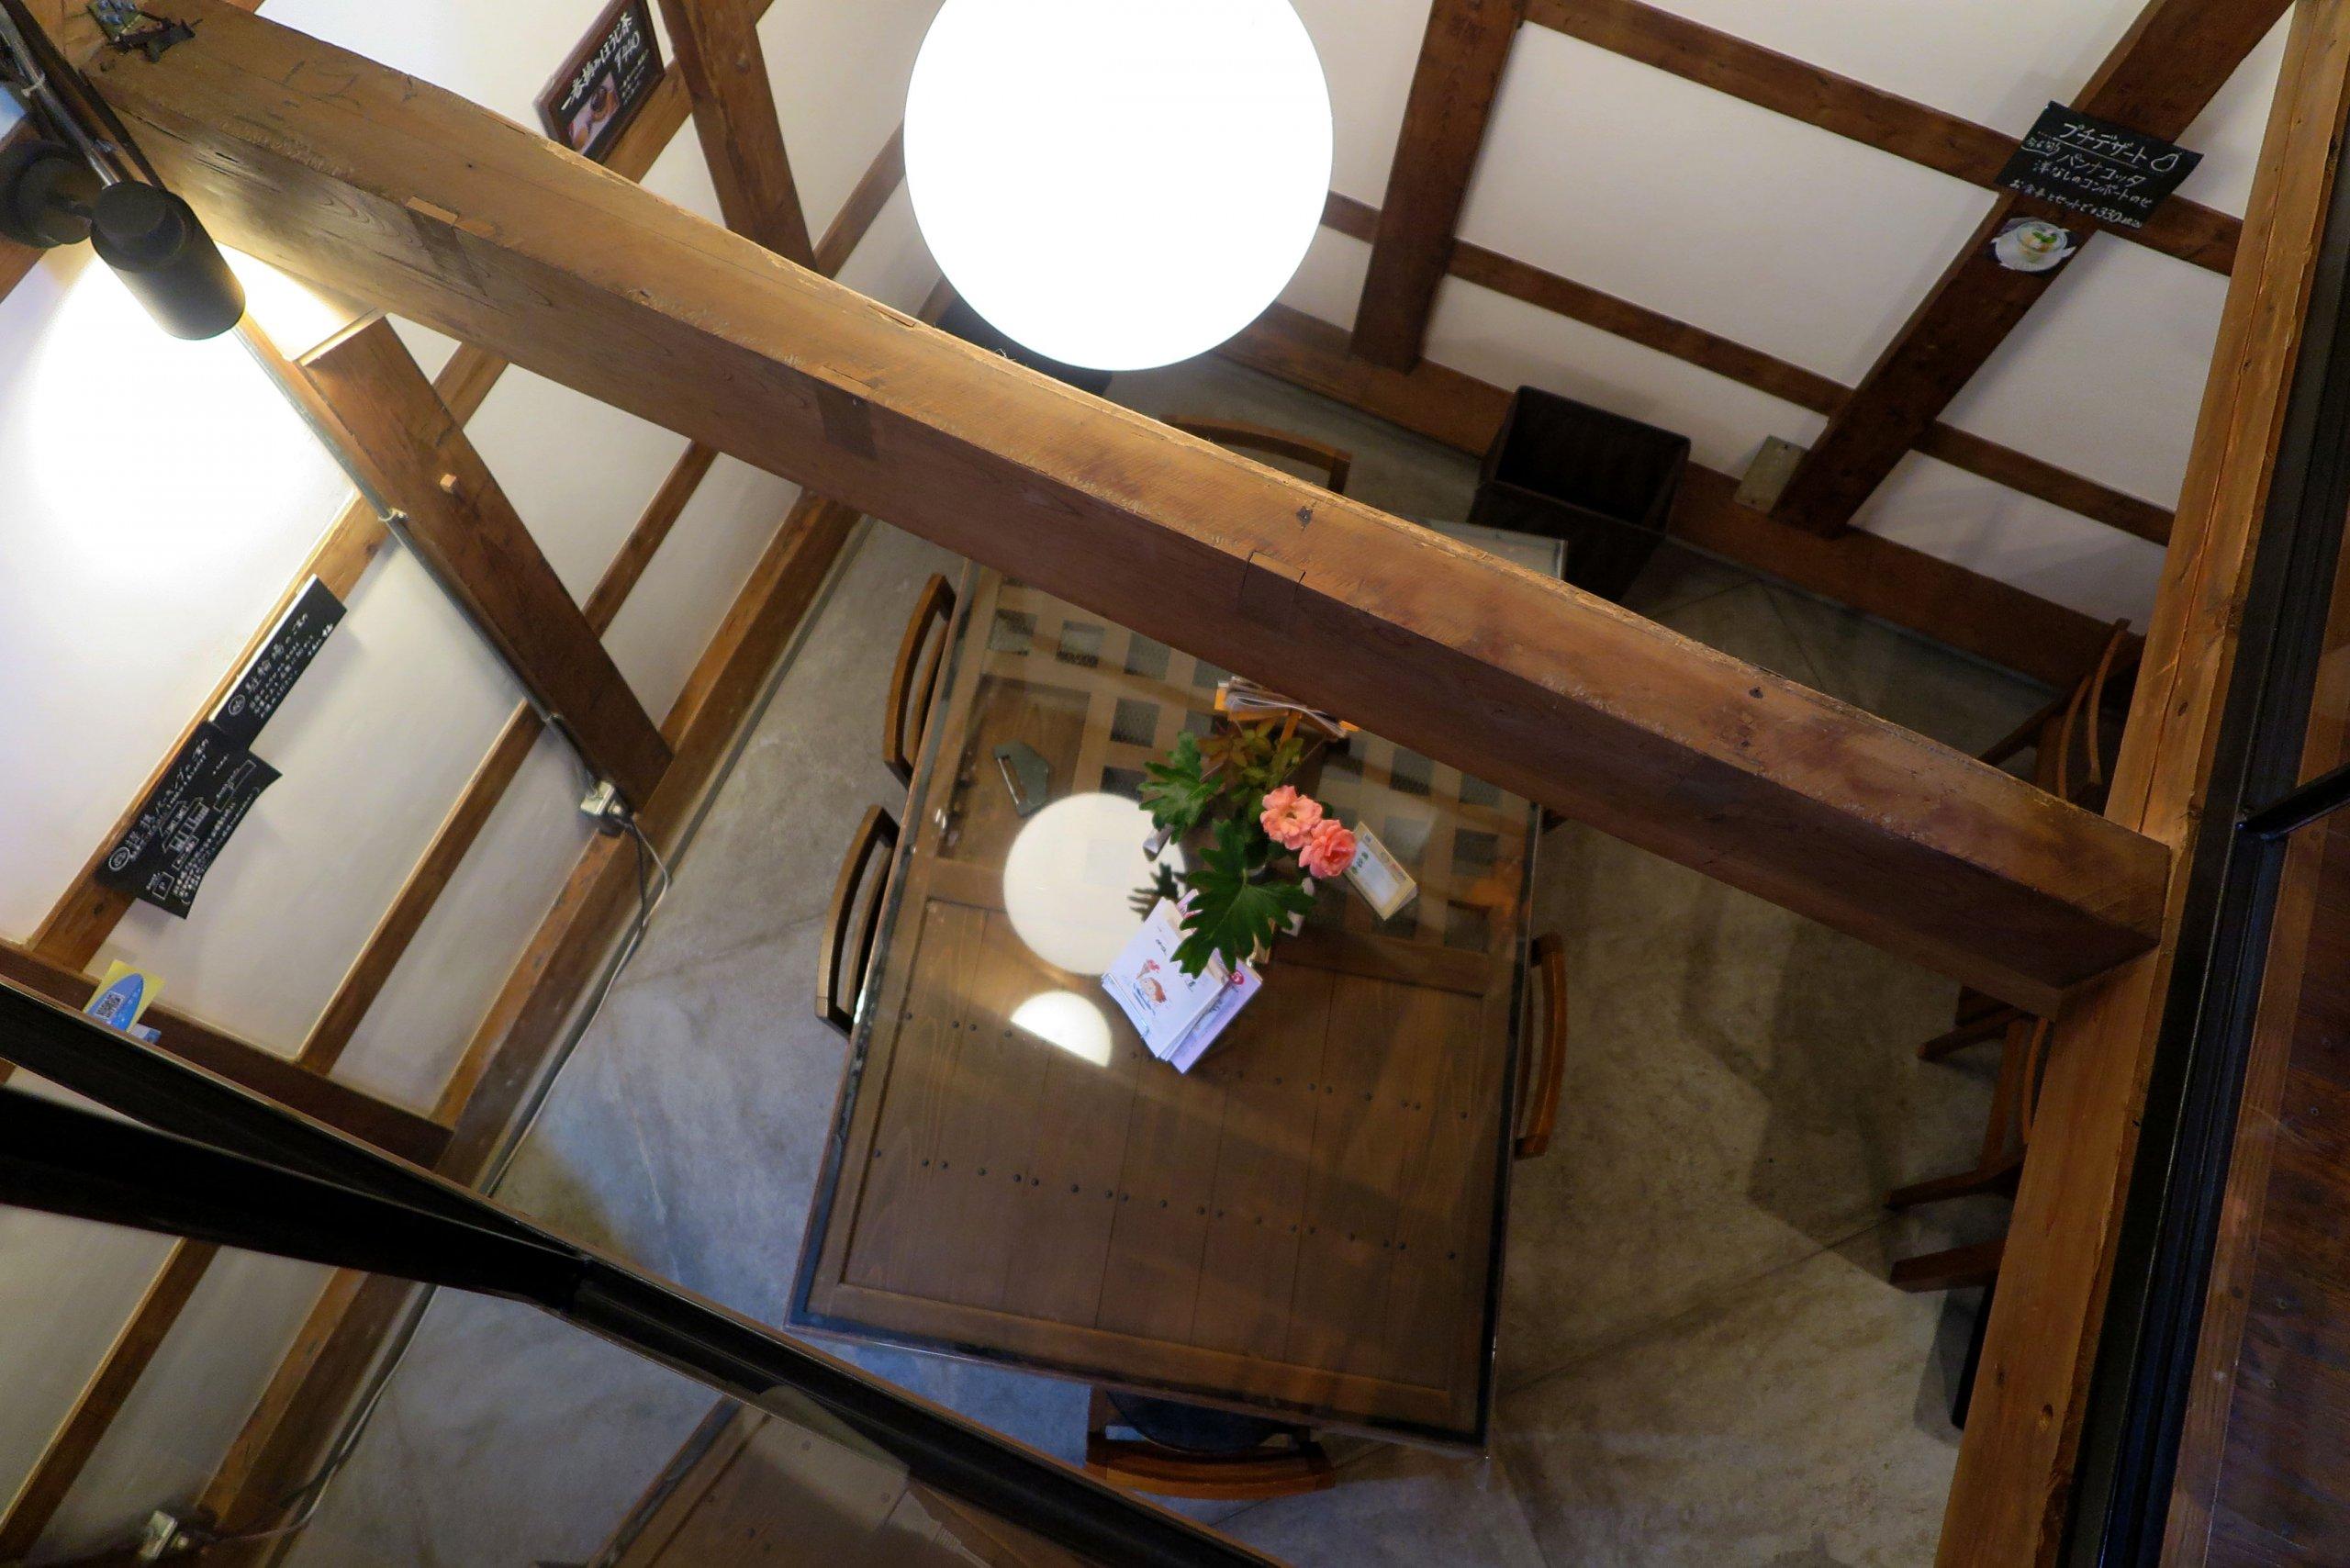 ローカルWEBメディア・地域サイト 草加ローカルストーリー 草加カフェ 草加レストラン  蔵カフェ 中屋 二階から